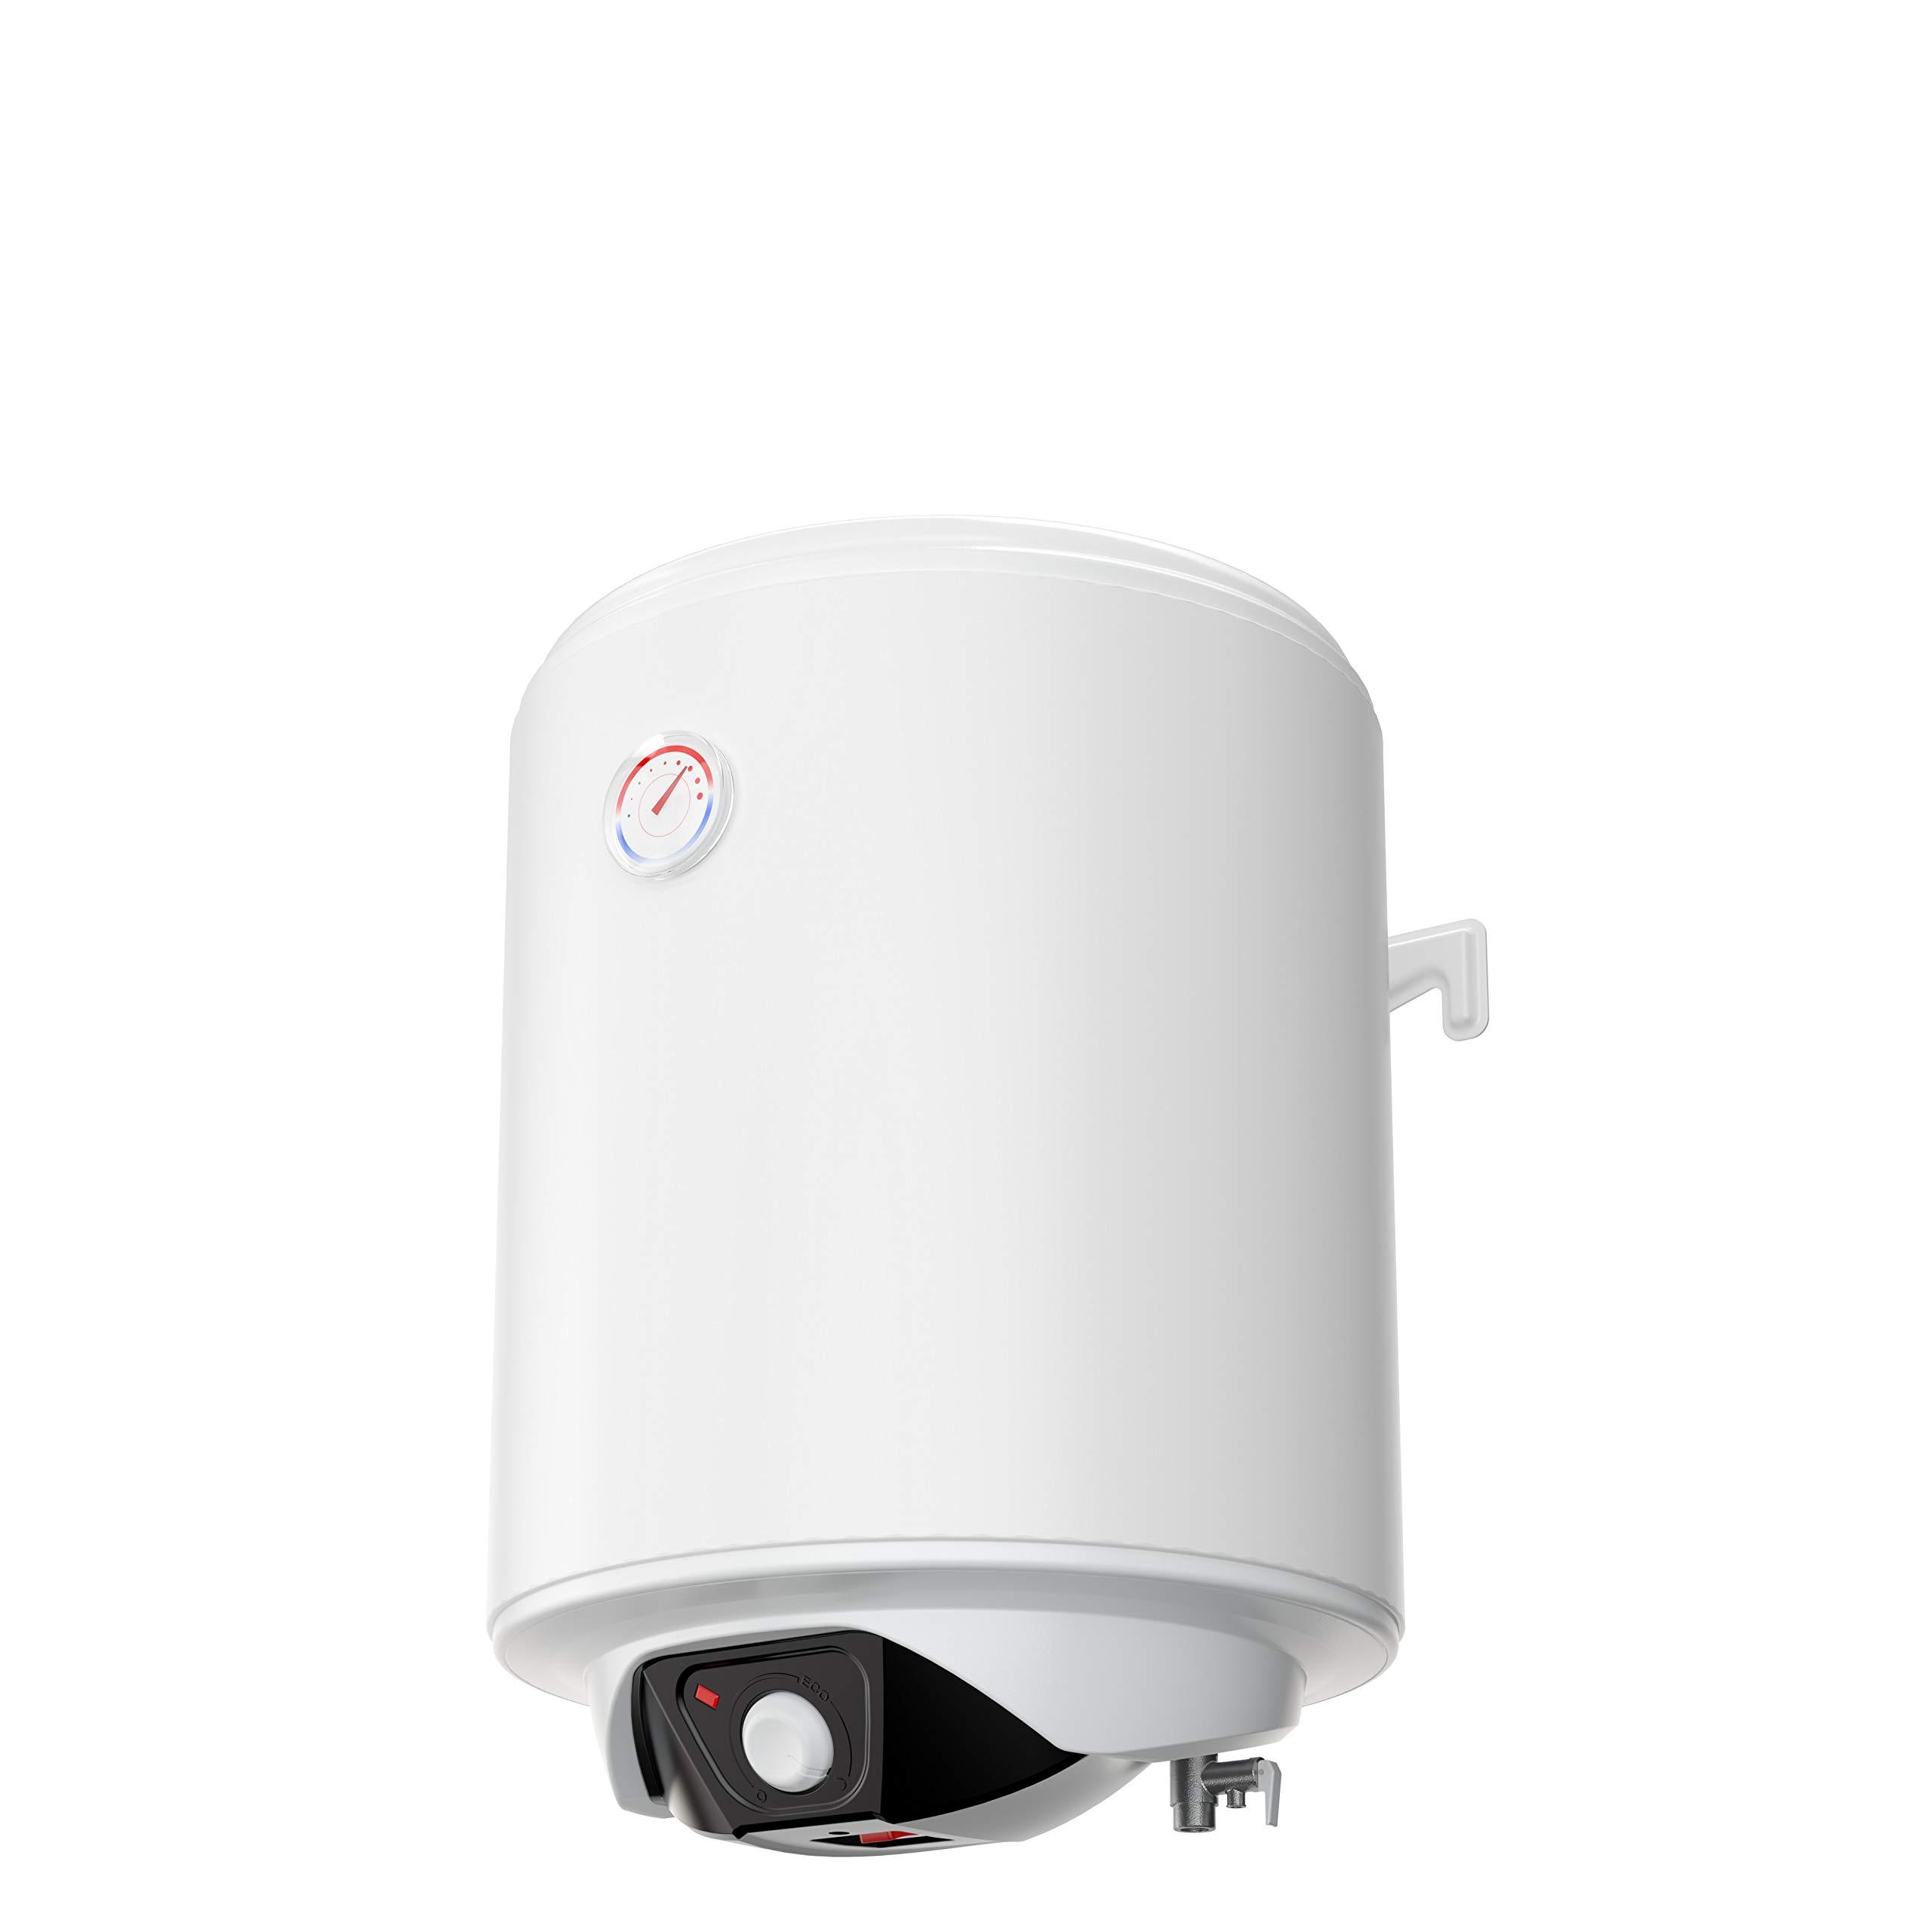 eldom SV05044 Spectra 50 Liter Warmwasserspeicher 1,5 kW. manuelle Steuerung 50, 230 V, White